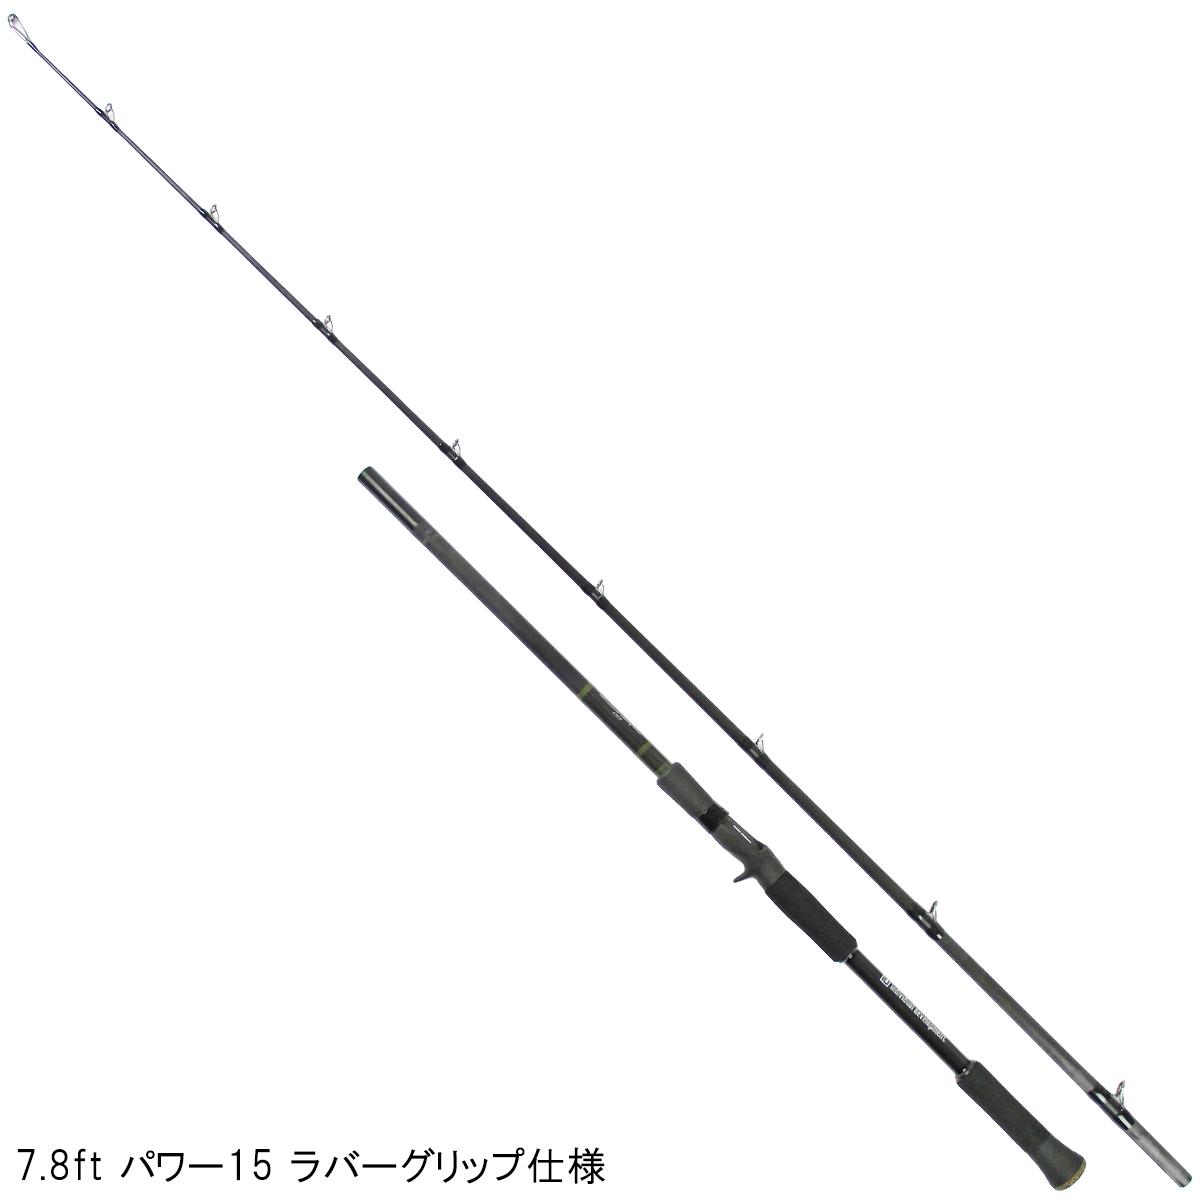 FTB 7.8ft パワー15 ラバーグリップ仕様【大型商品】(東日本店)